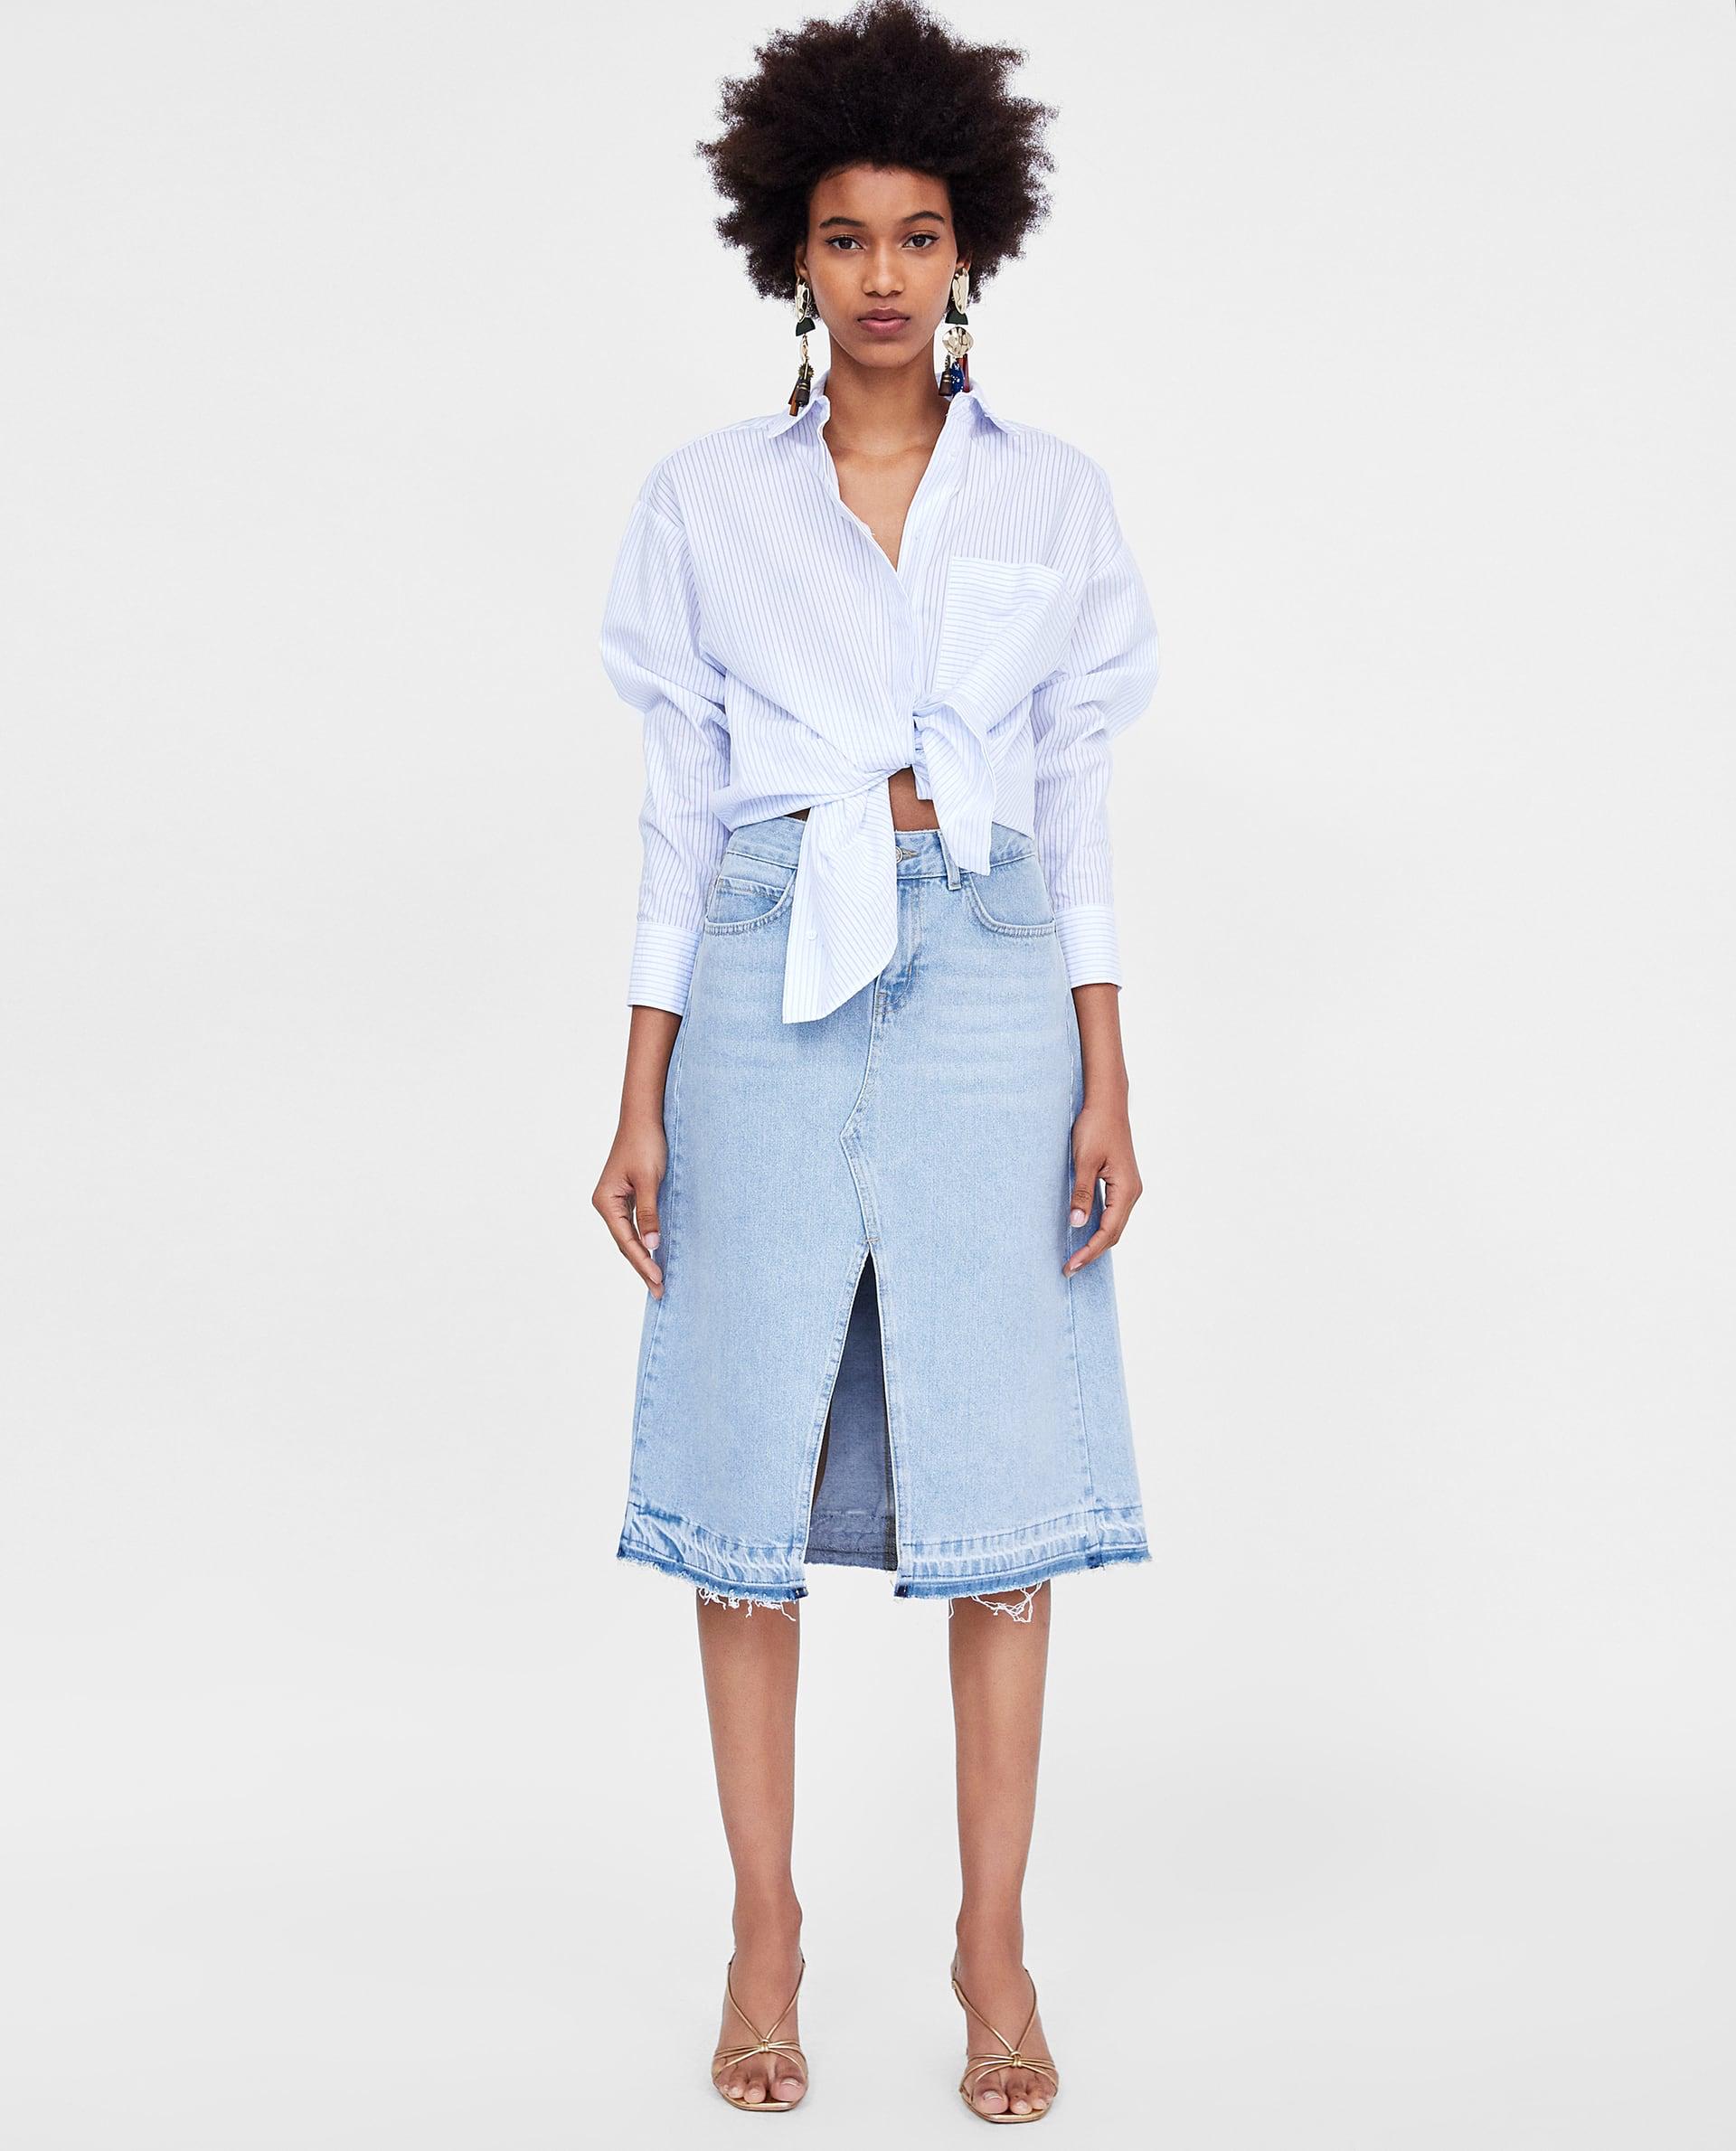 2b0a1df5be Zara Damen, Coats For Women, Denim Skirt, Valance, Jean Skirt, Women's